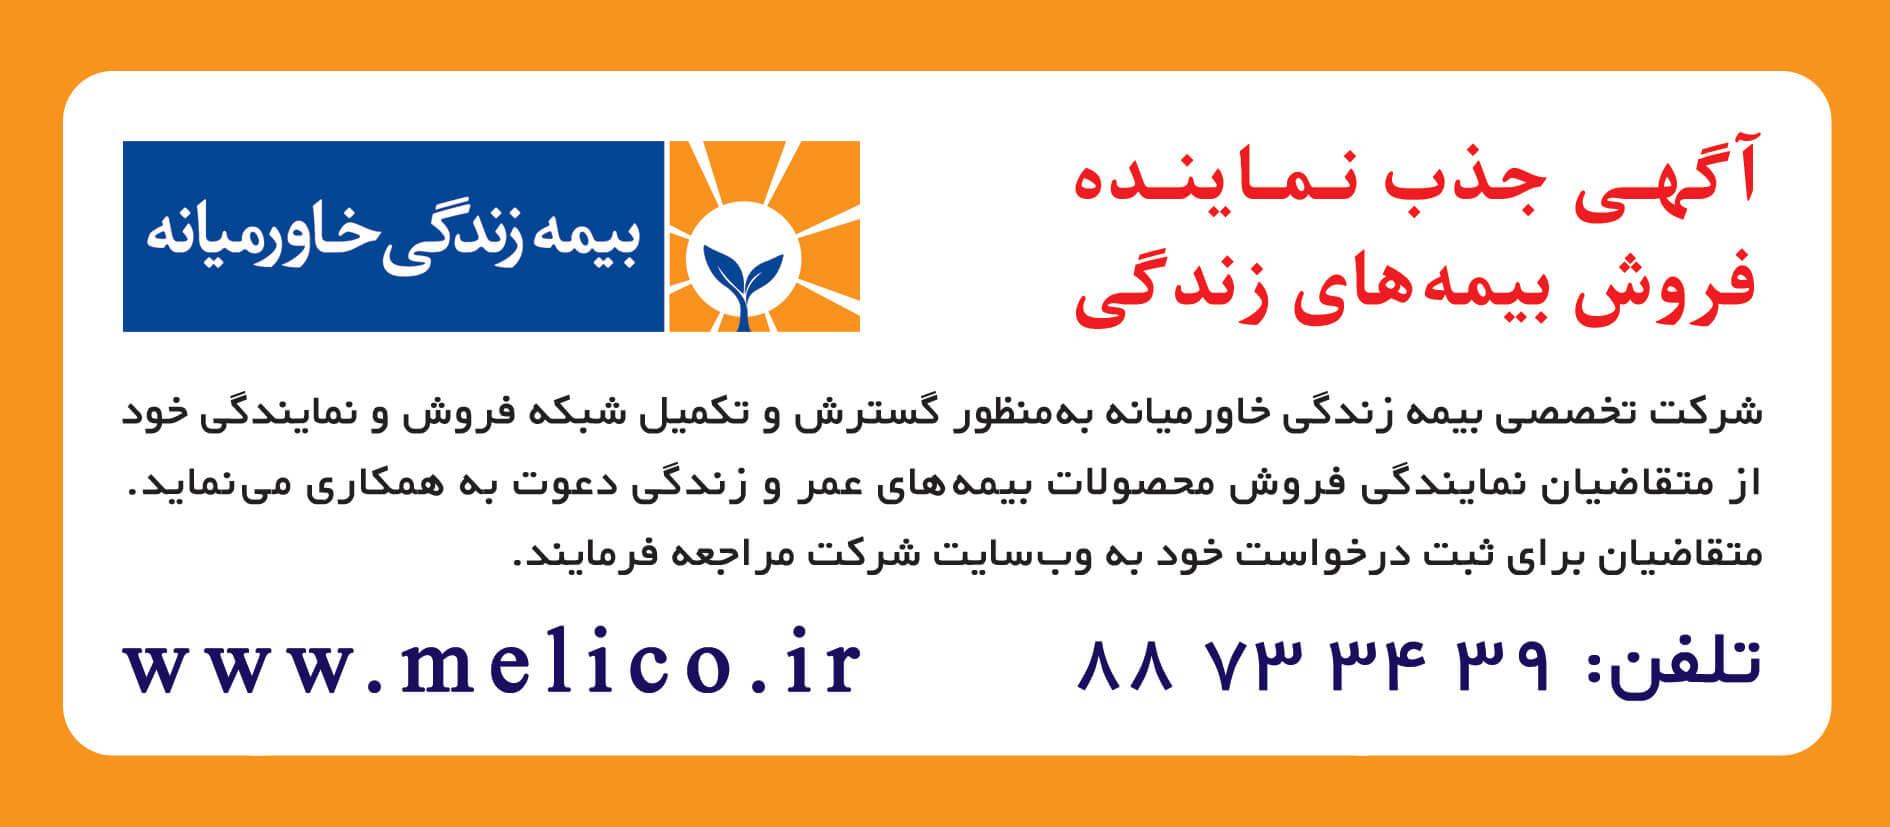 بیمه خاورمیانه ایران